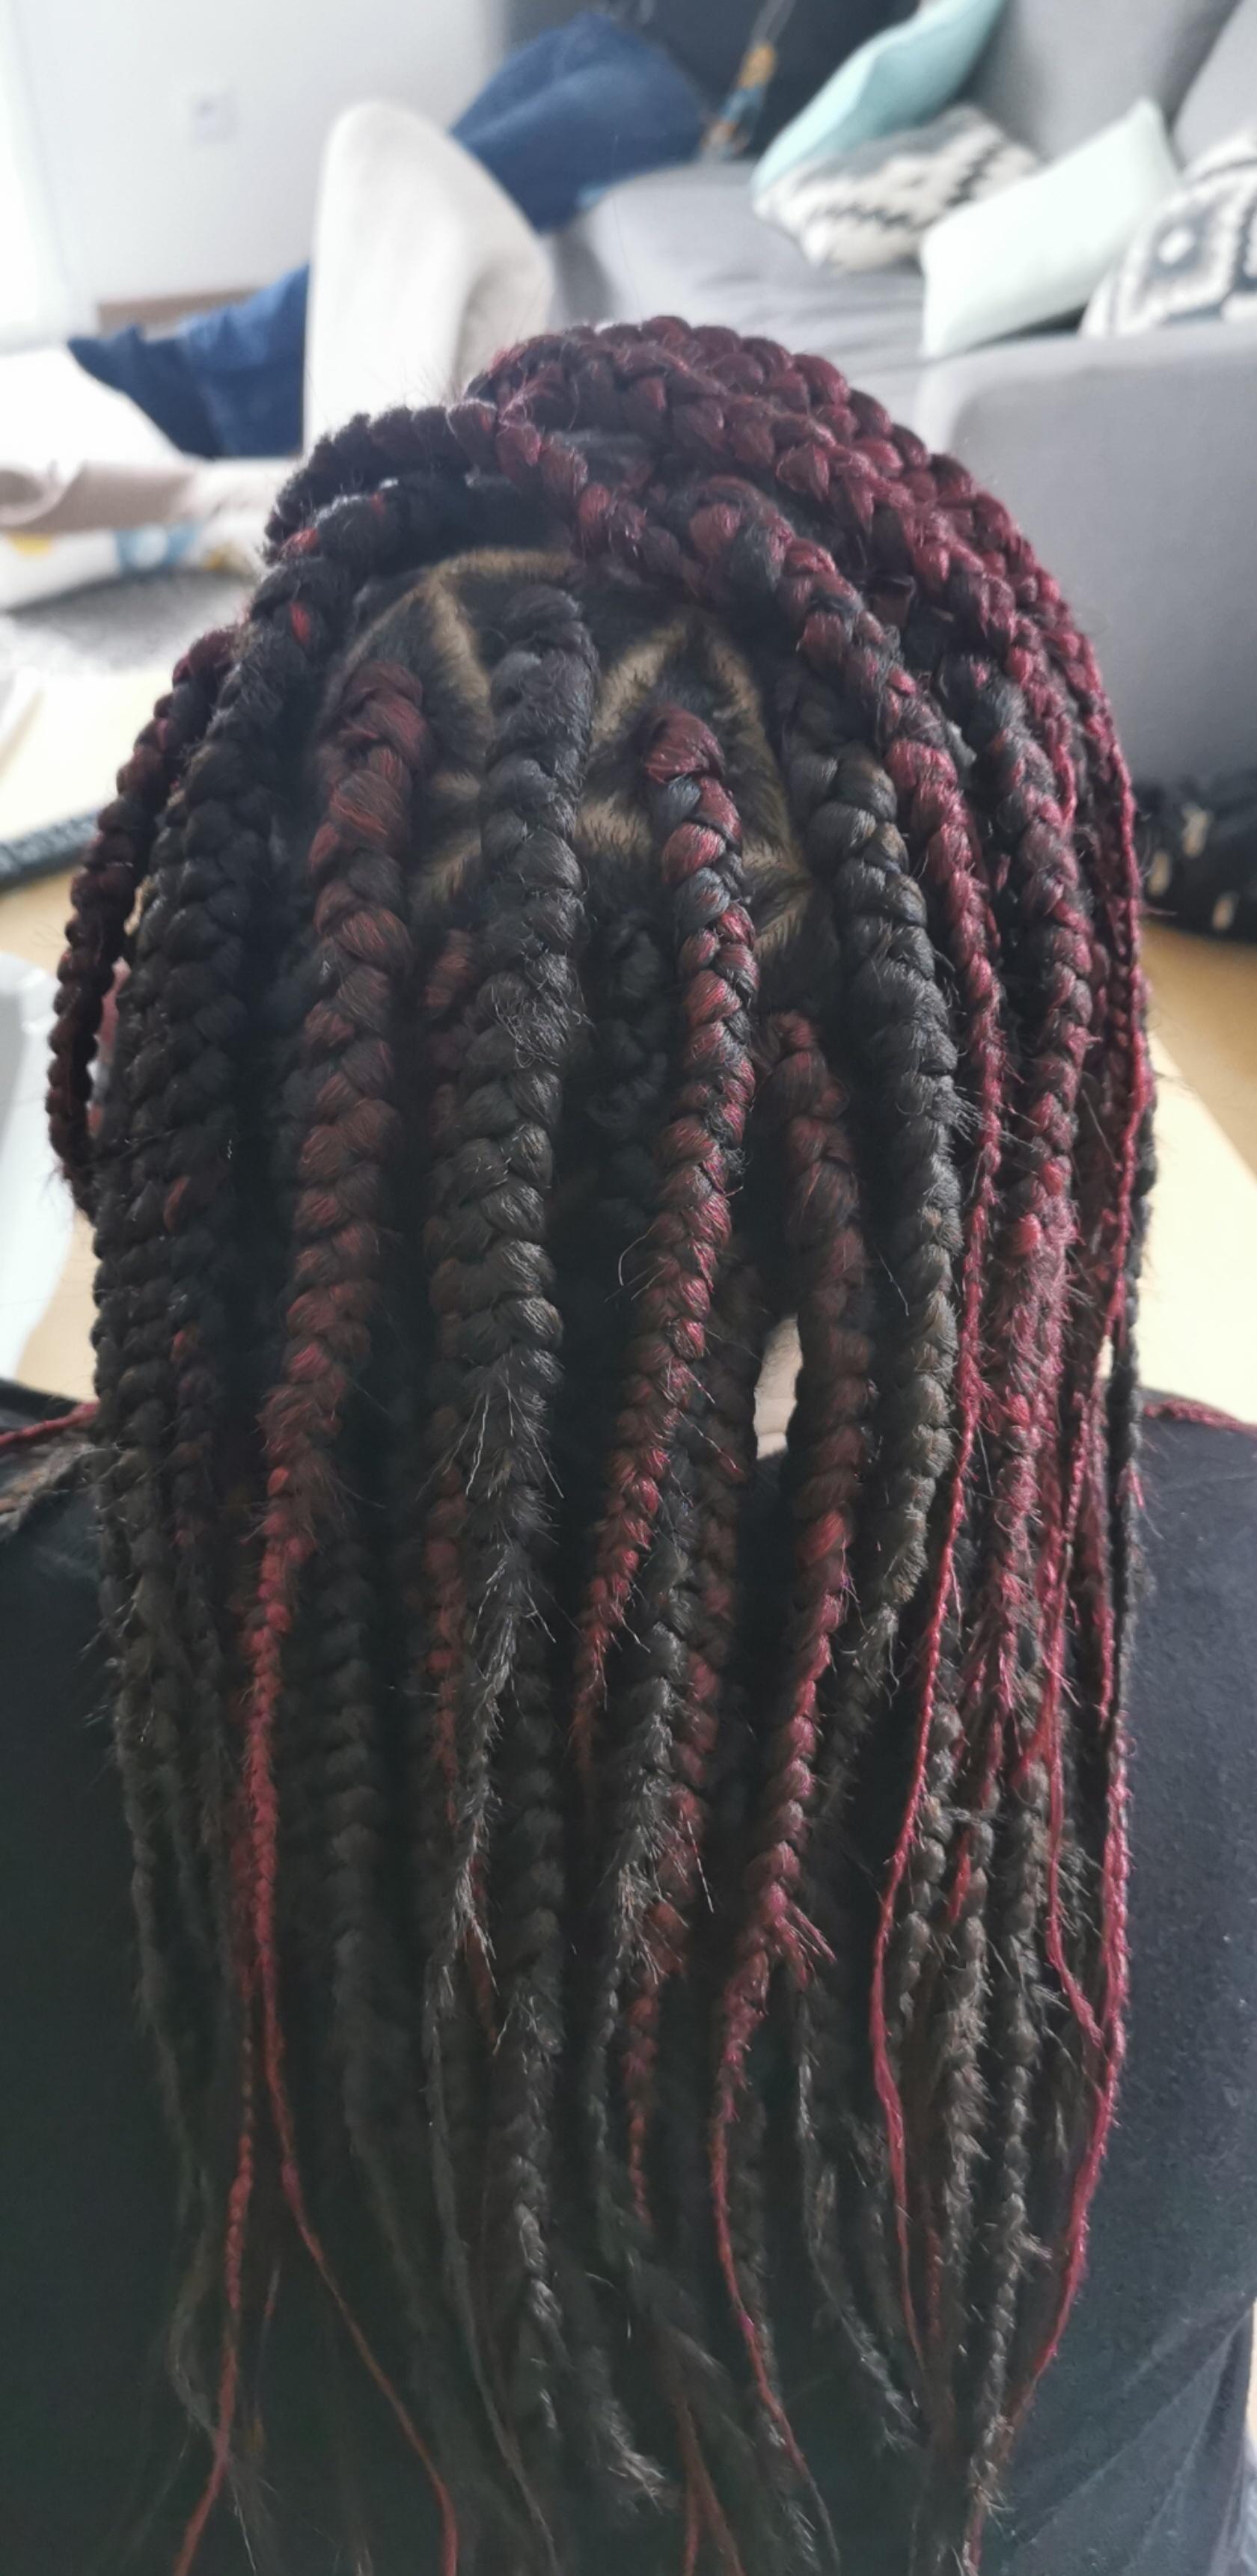 salon de coiffure afro tresse tresses box braids crochet braids vanilles tissages paris 75 77 78 91 92 93 94 95 OLCUCYSX